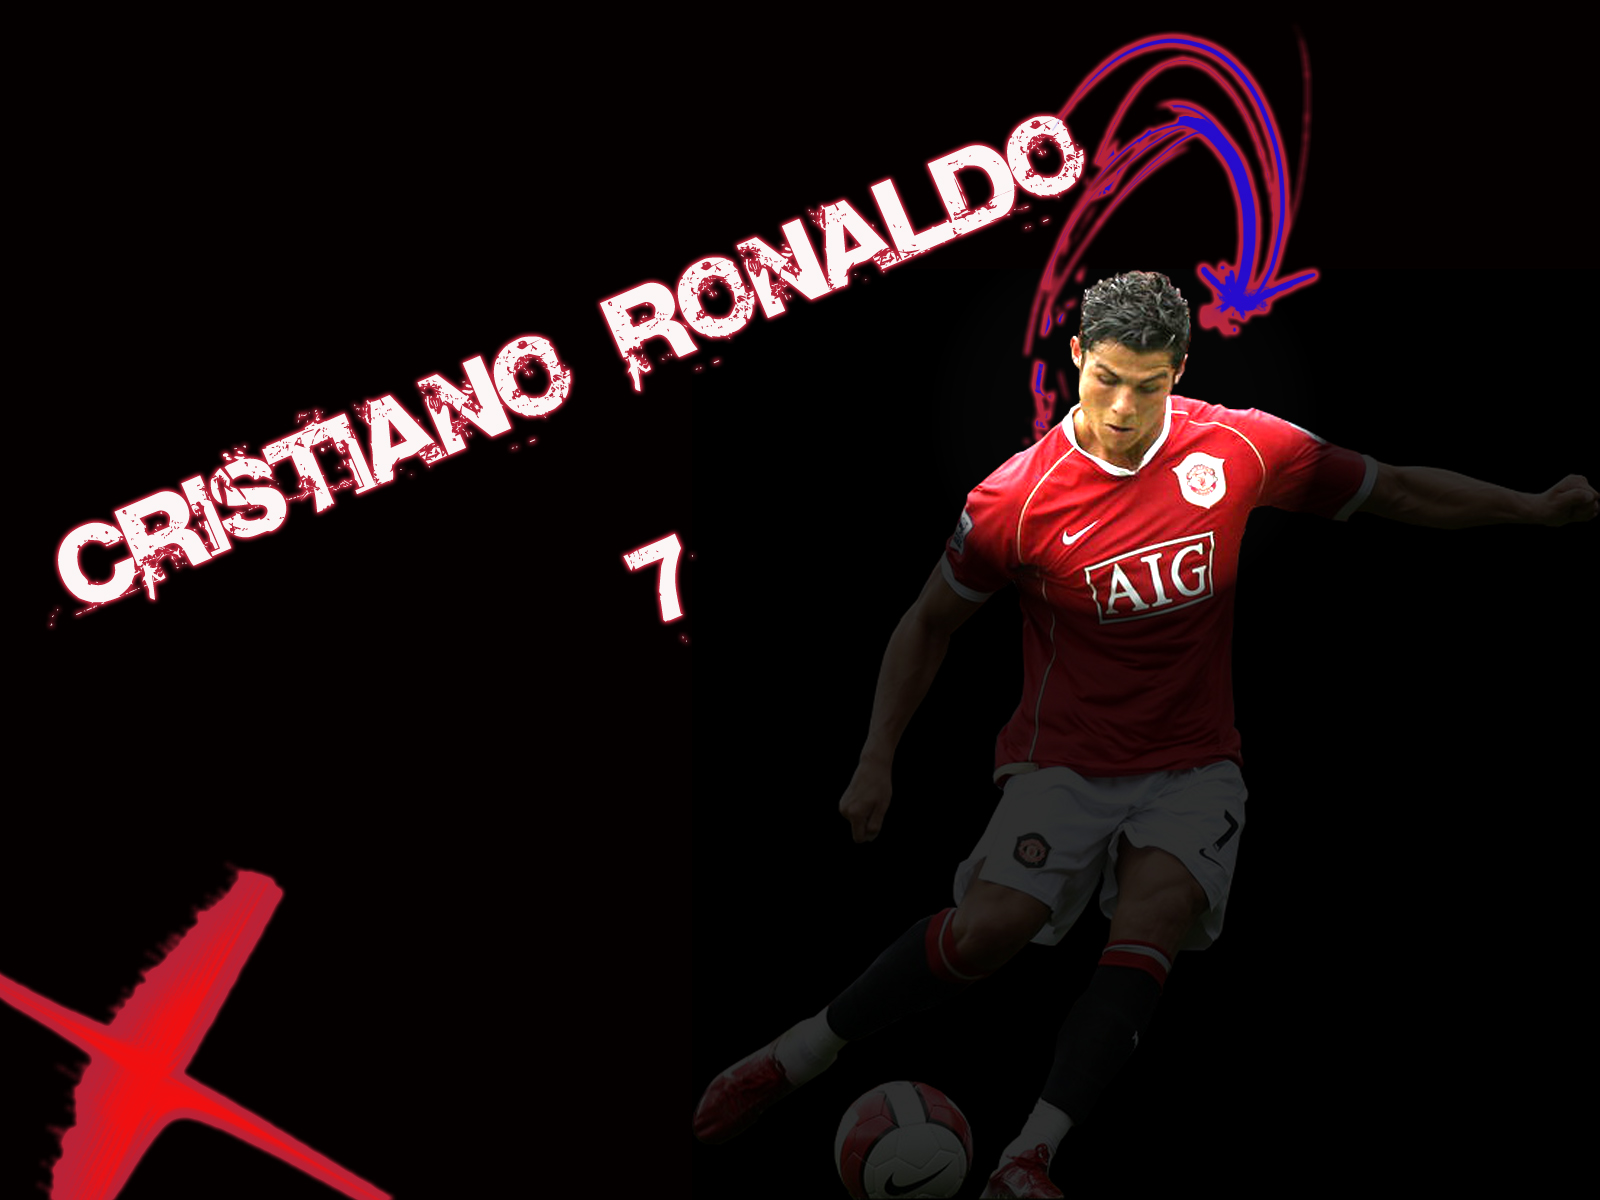 Sports - Cristiano Ronaldo  Wallpaper